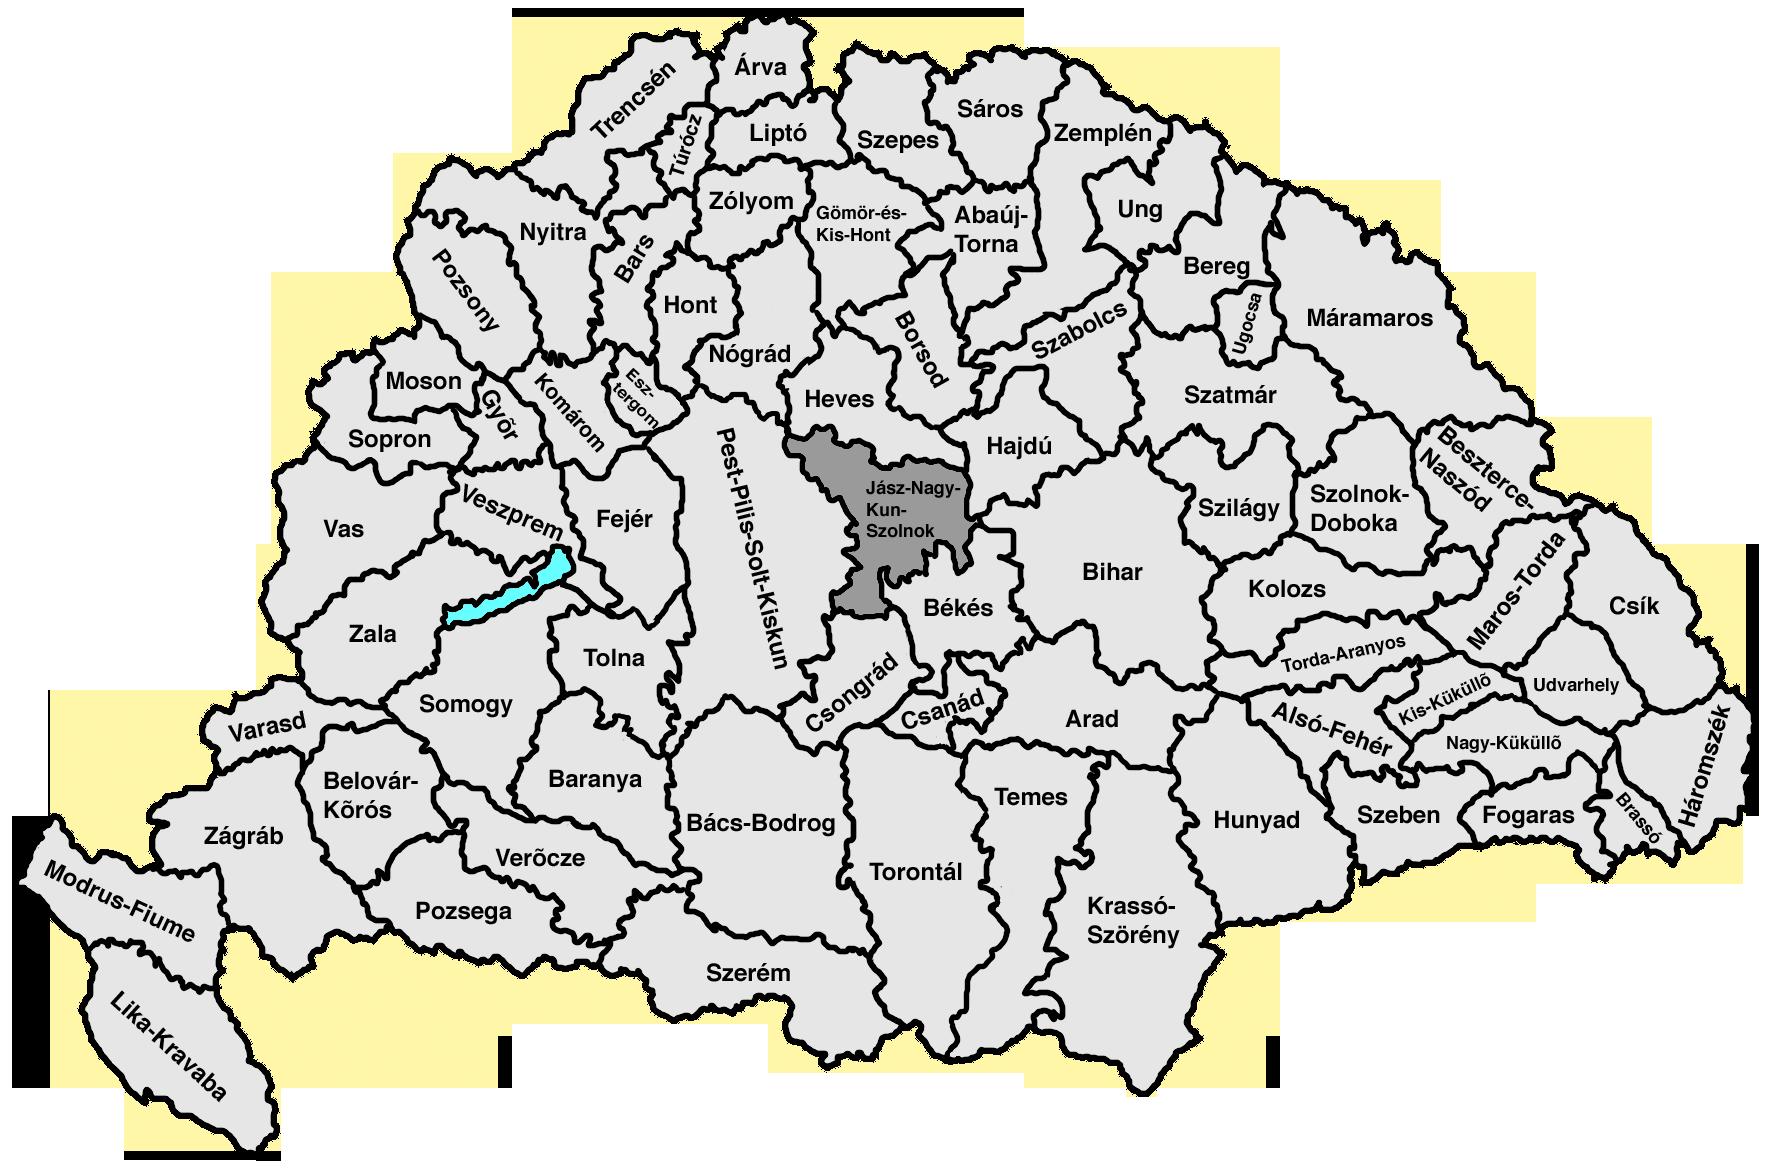 File:Jasz-nagykun-szolnok.png - Wikimedia Commons